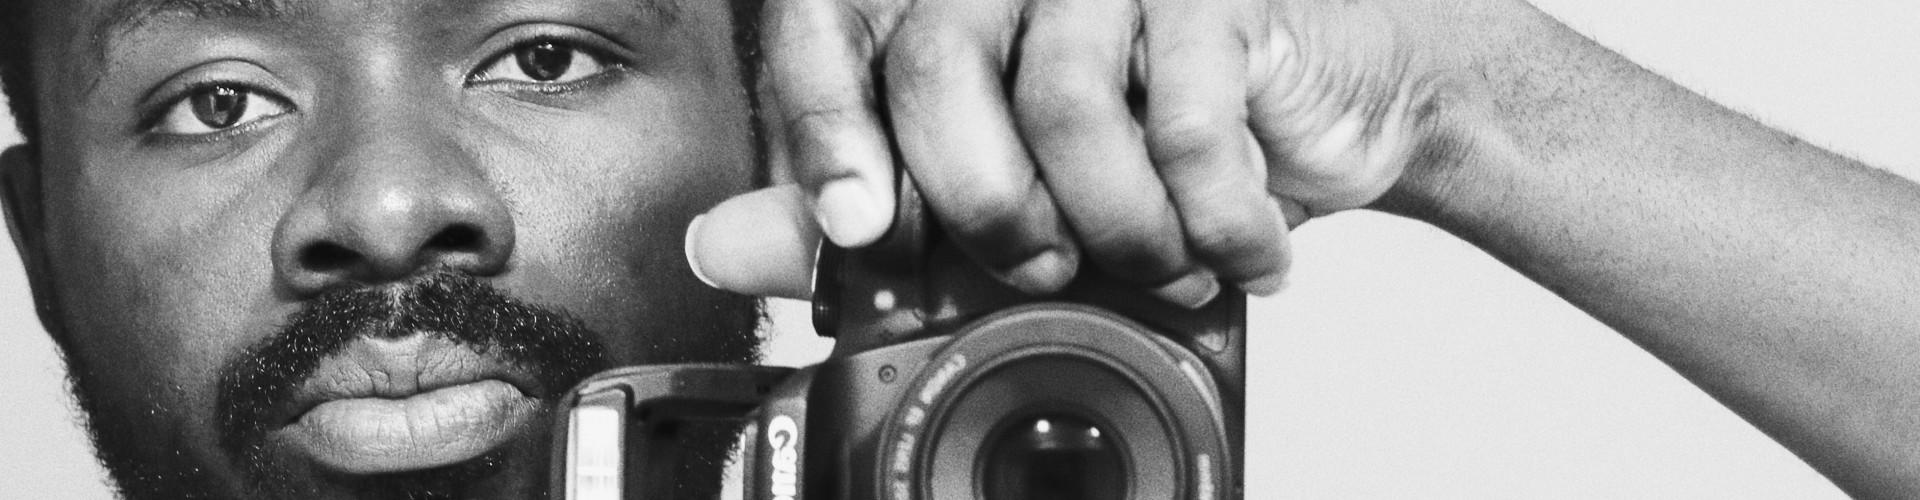 Zwarte fotograaf_kunst_creativiteit_ondernemerschap